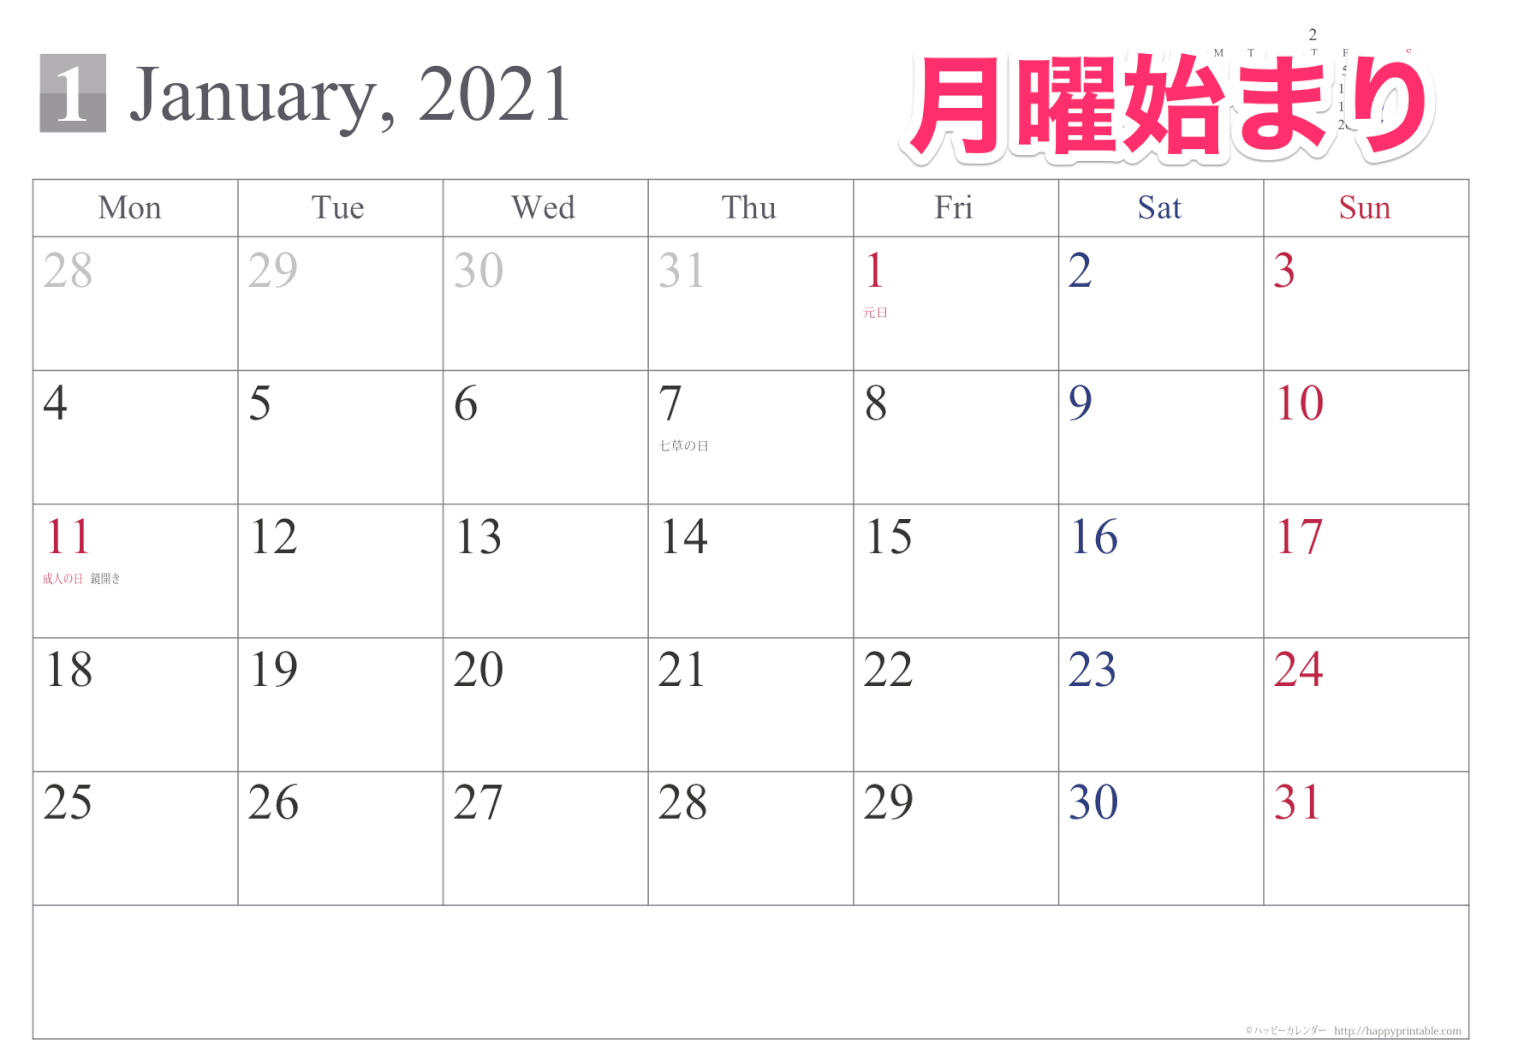 月曜始まりのカレンダーのサンプル画像